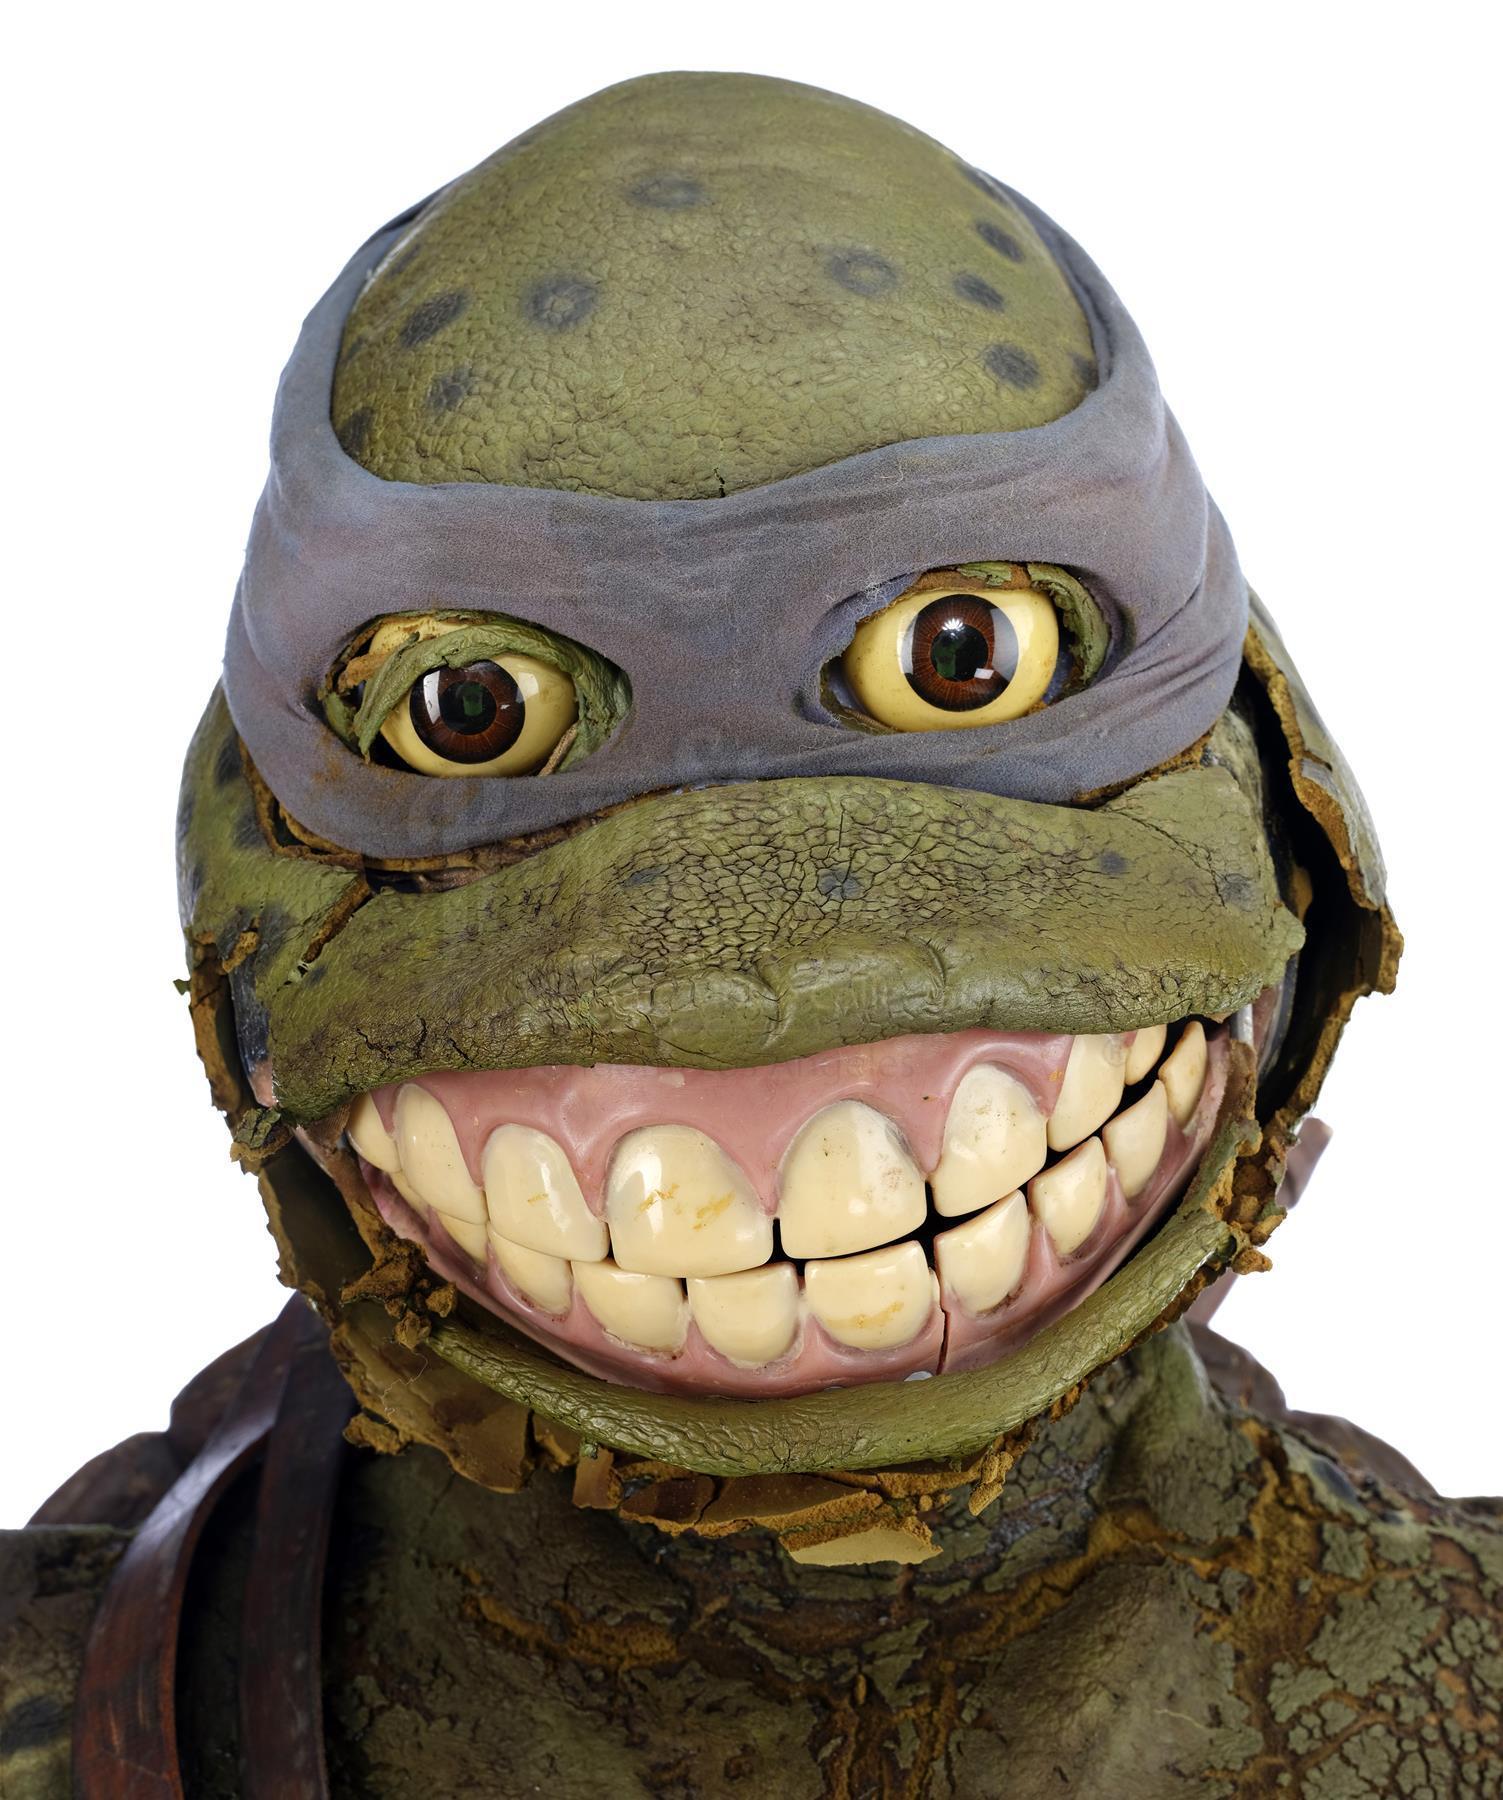 Lot 828 Teenage Mutant Ninja Turtles Iii 1993 Leonardo S